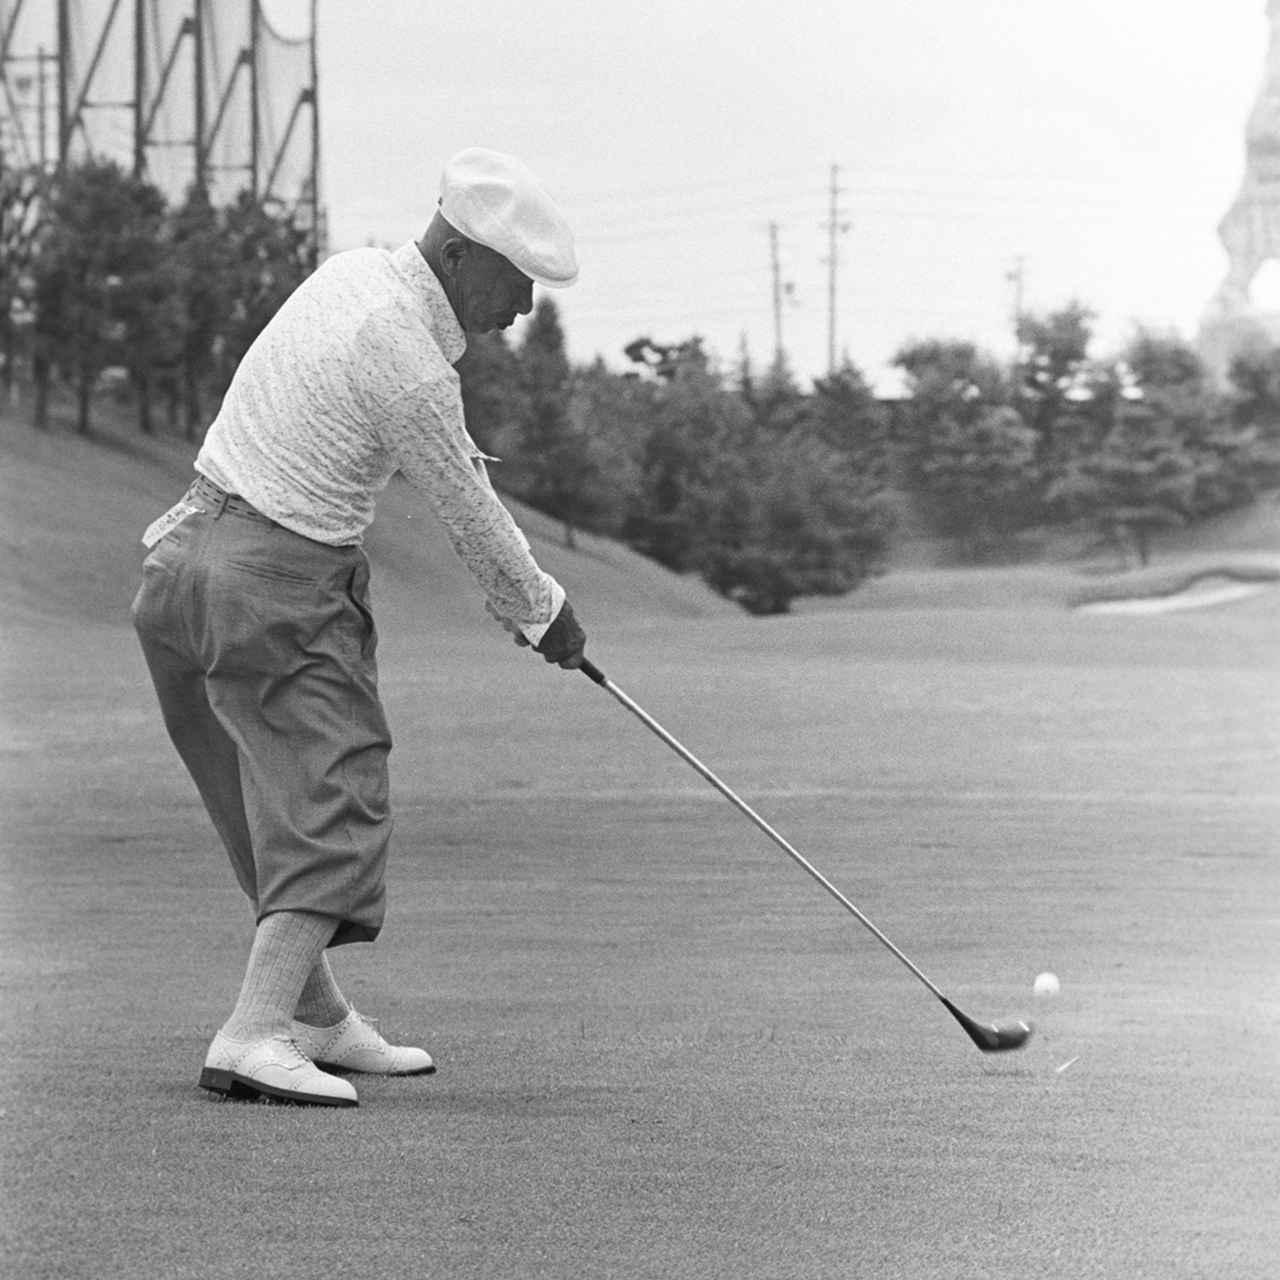 画像: インパクトからフォロースルーまで右足の粘りがポイント(写真は1977年の日本プロゴルフシニア選手権)